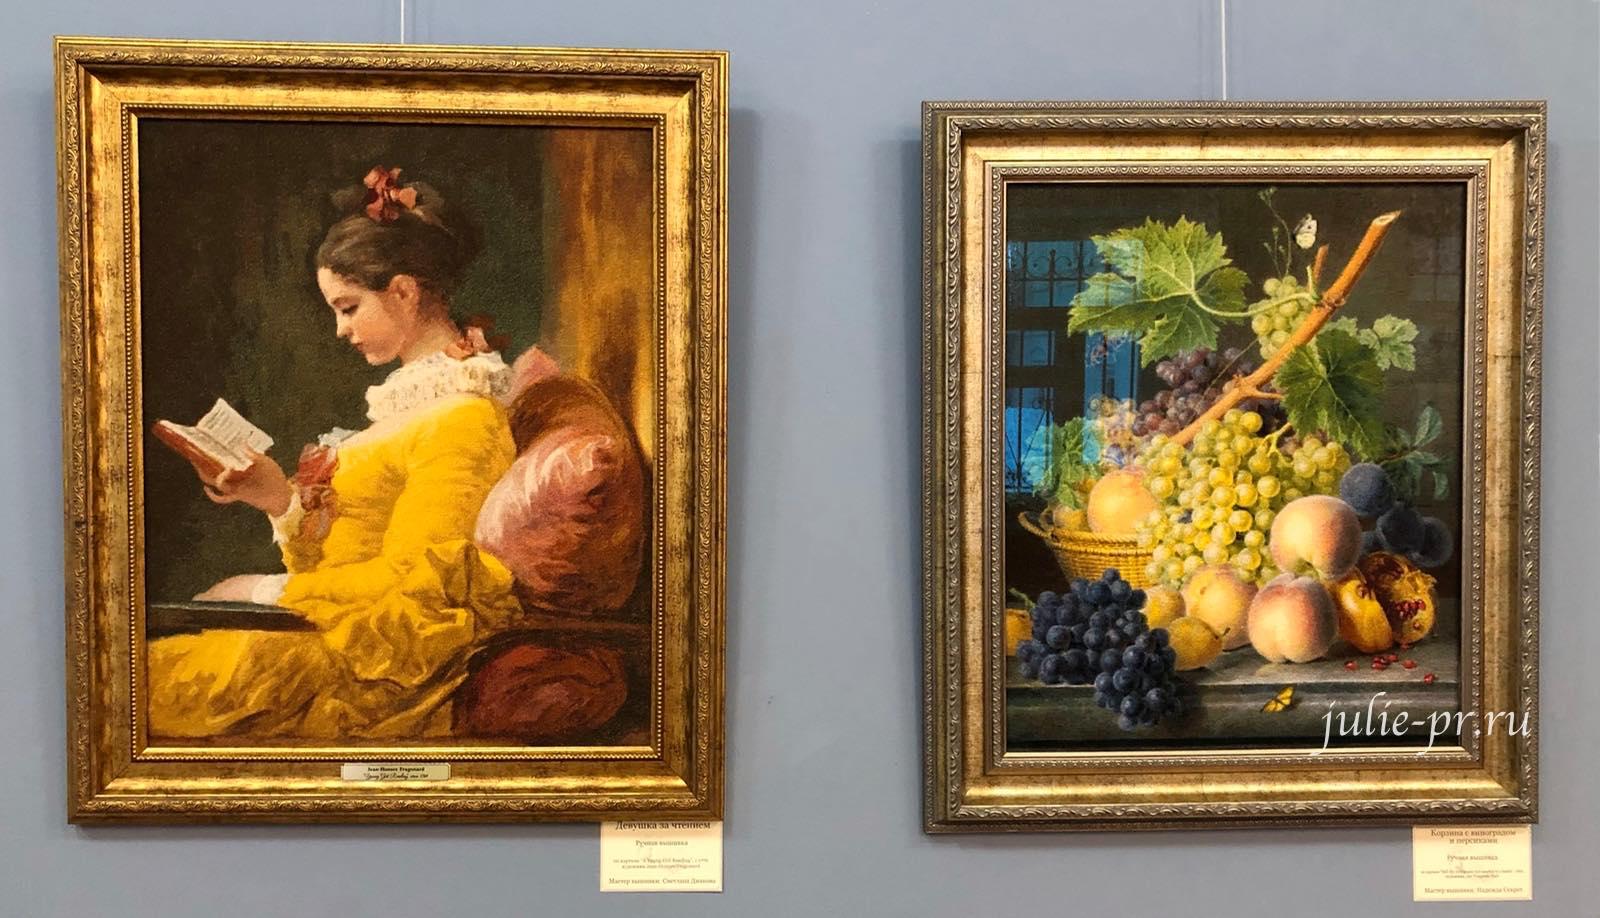 Девушка за чтением, Корзина с виноградом и персиками, вышивка крестом, многоцветка, прогон, эстэ